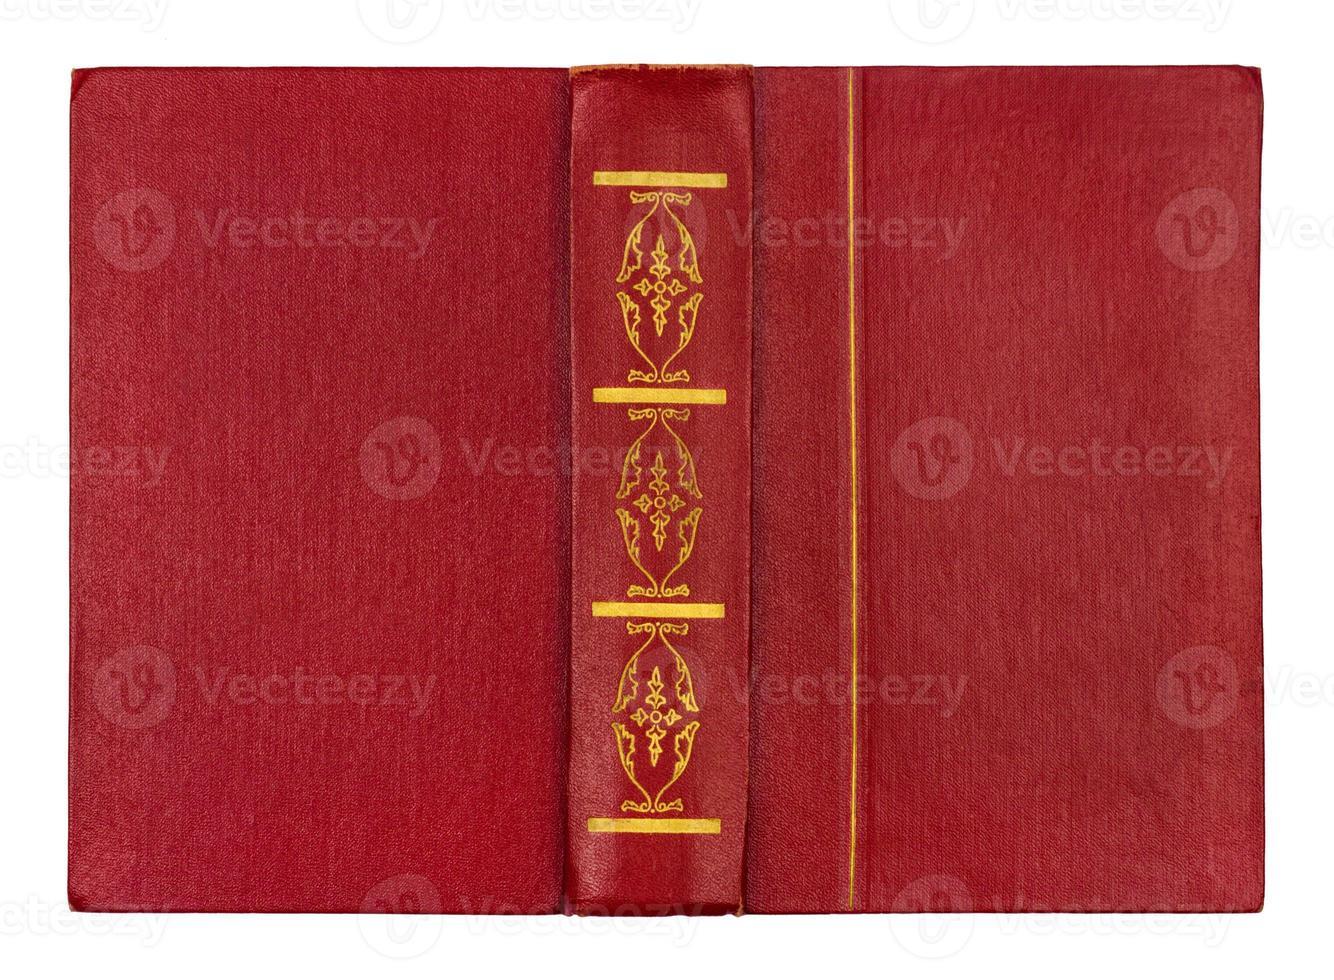 cubierta de libro rojo abierto vacío aislado en blanco foto